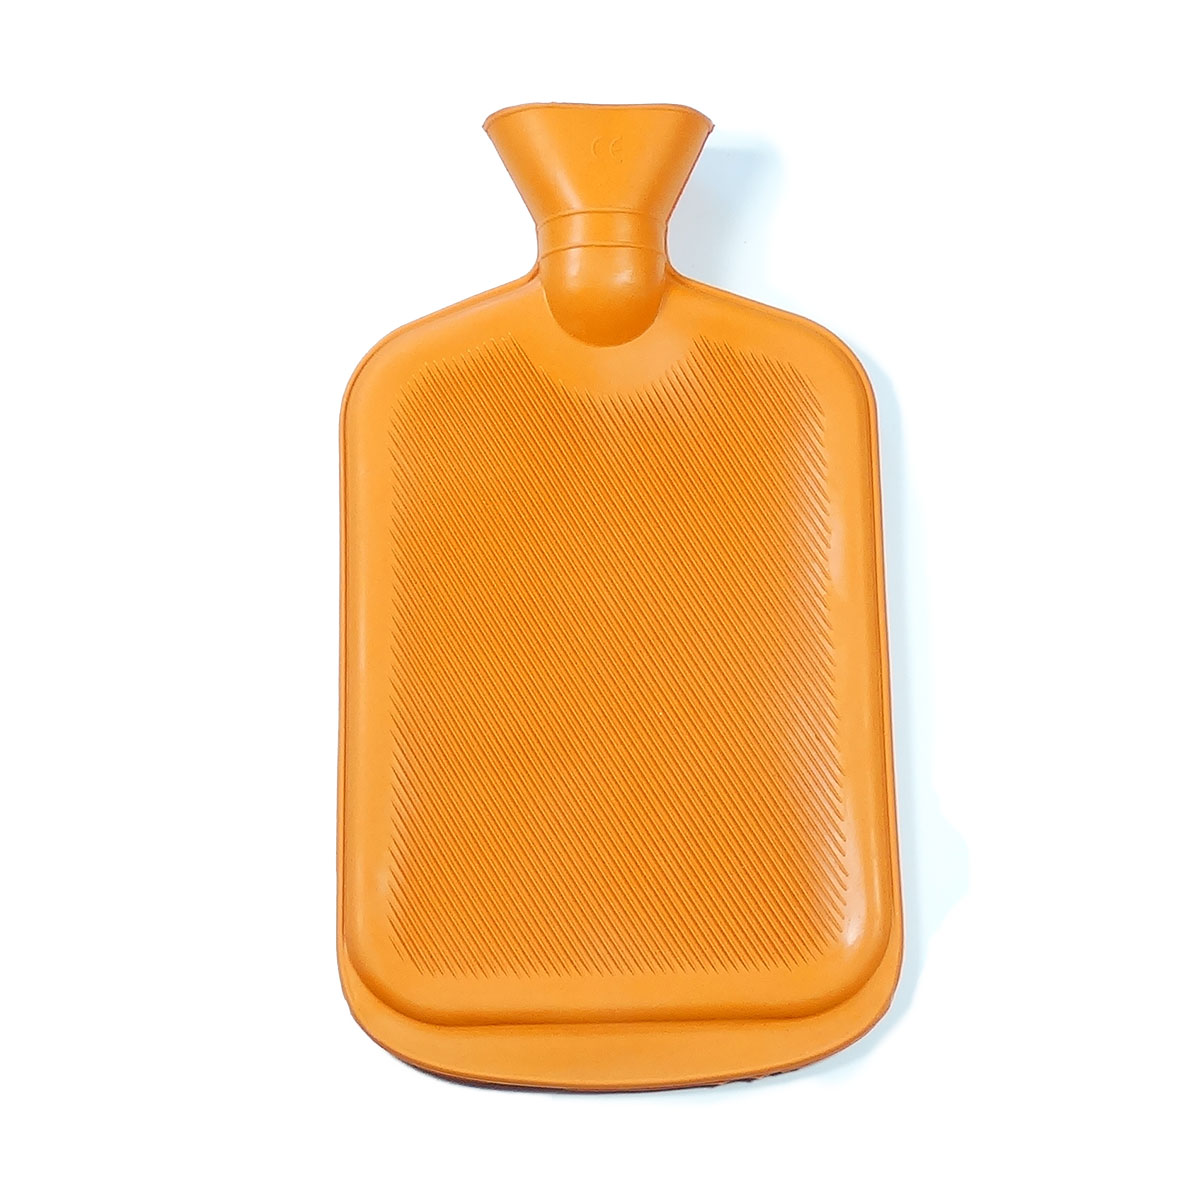 Hot water bag orange - Sayoni Care